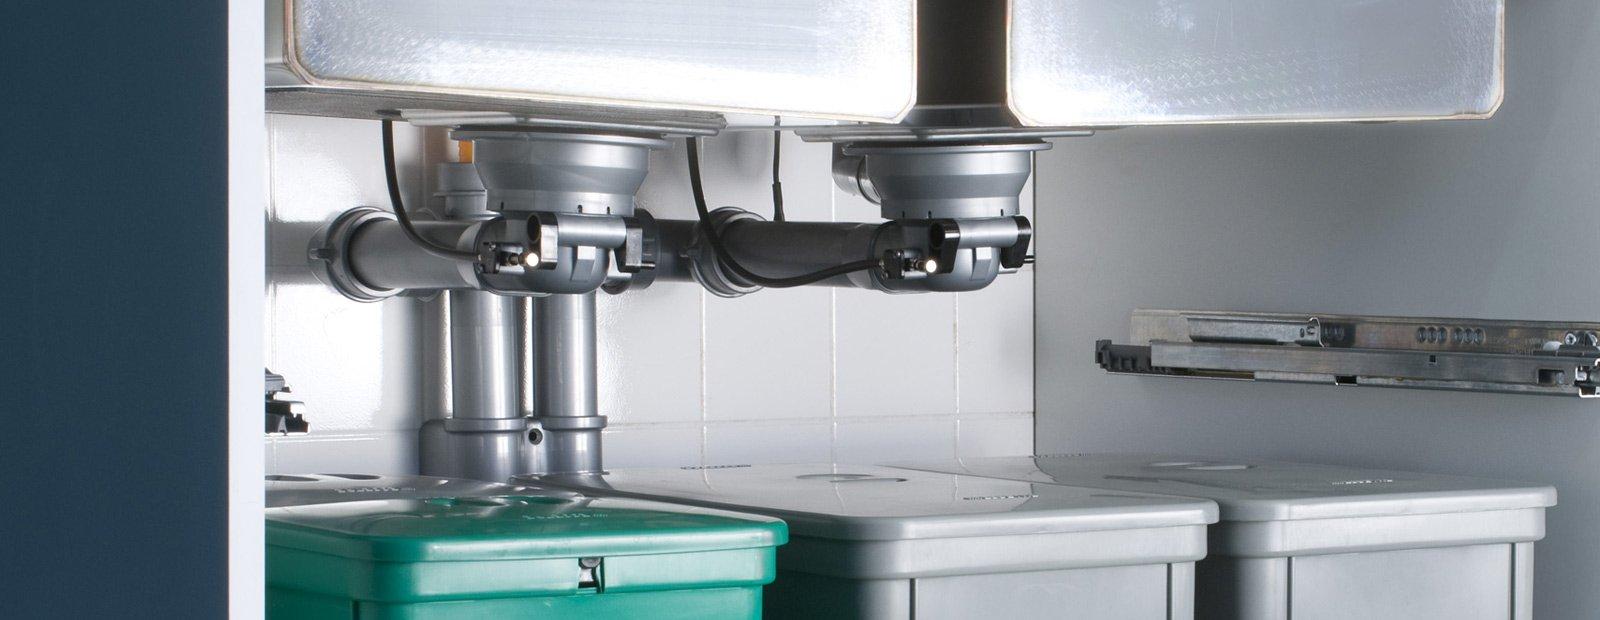 Pi spazio sotto il lavello in cucina cose di casa for Sifone elettrico per acquario fai da te